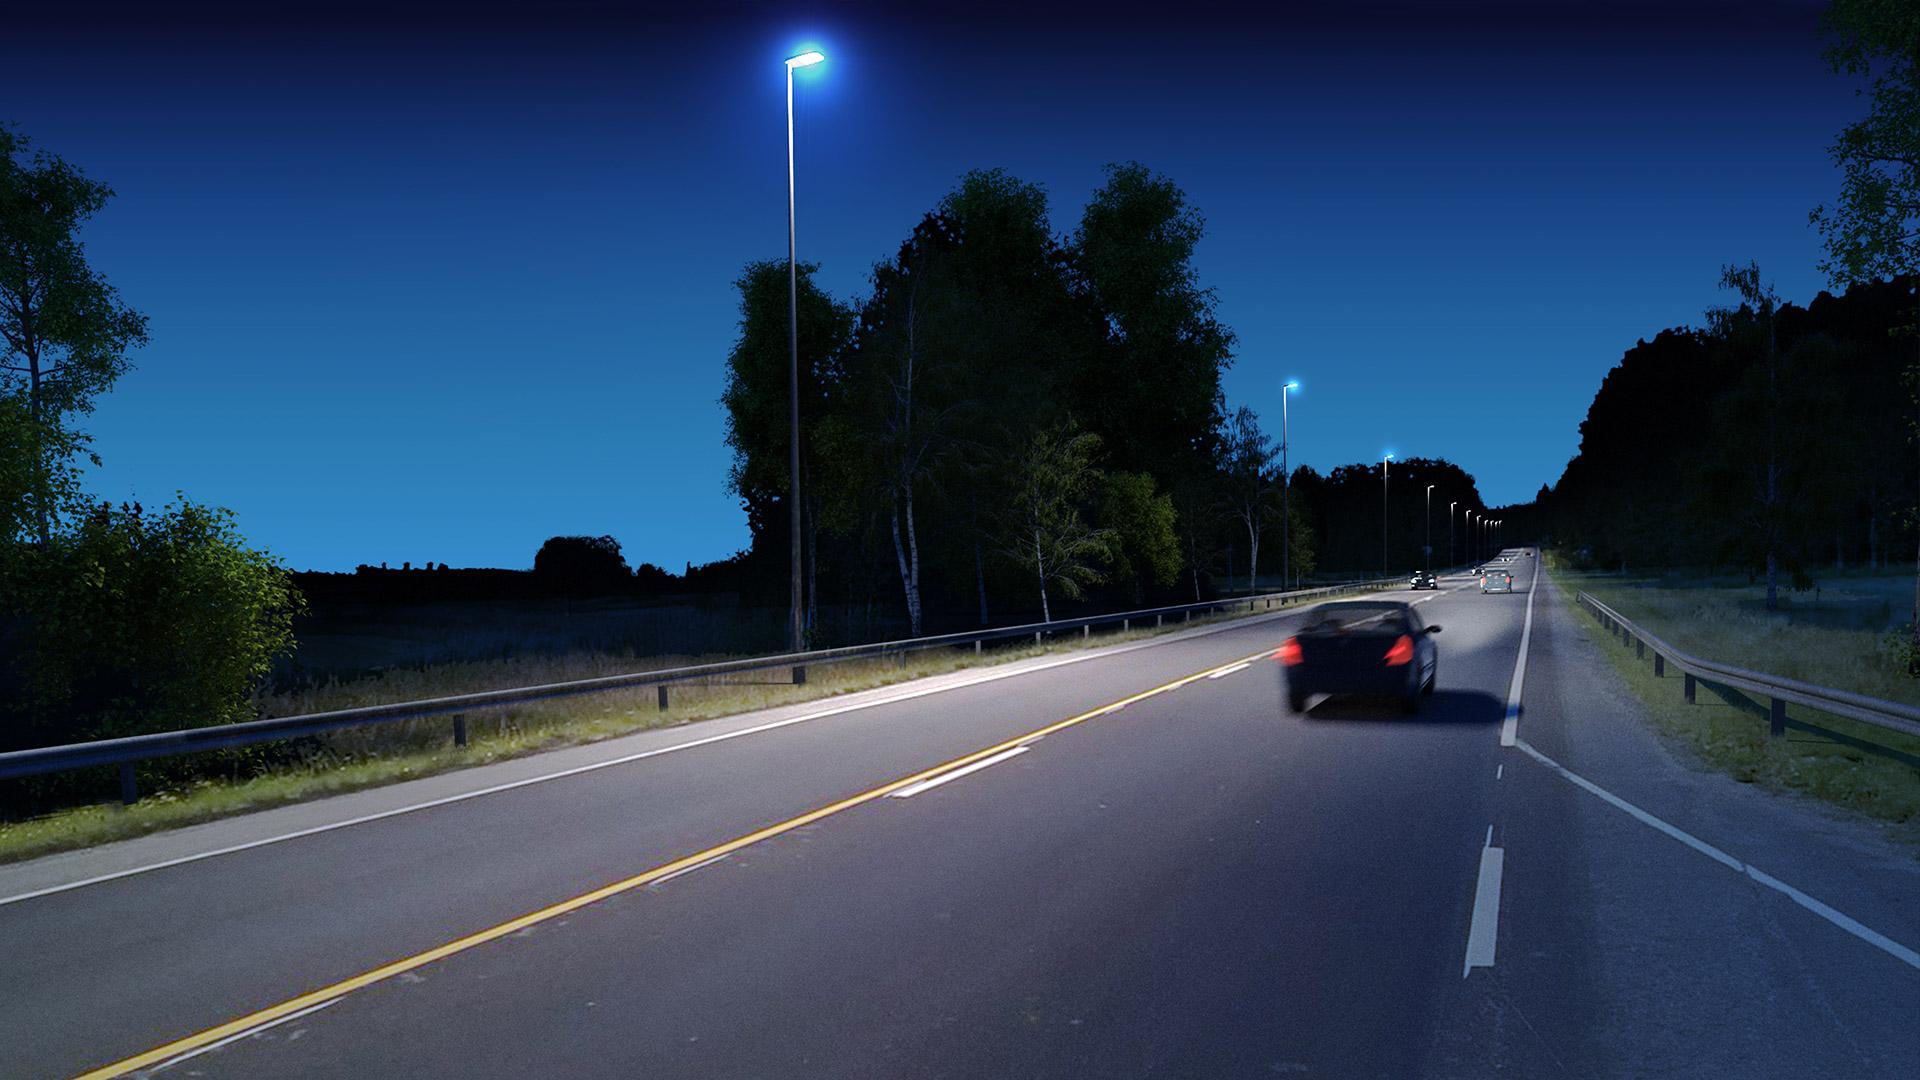 Vega L: Lösningen för nordisk gatubelysning